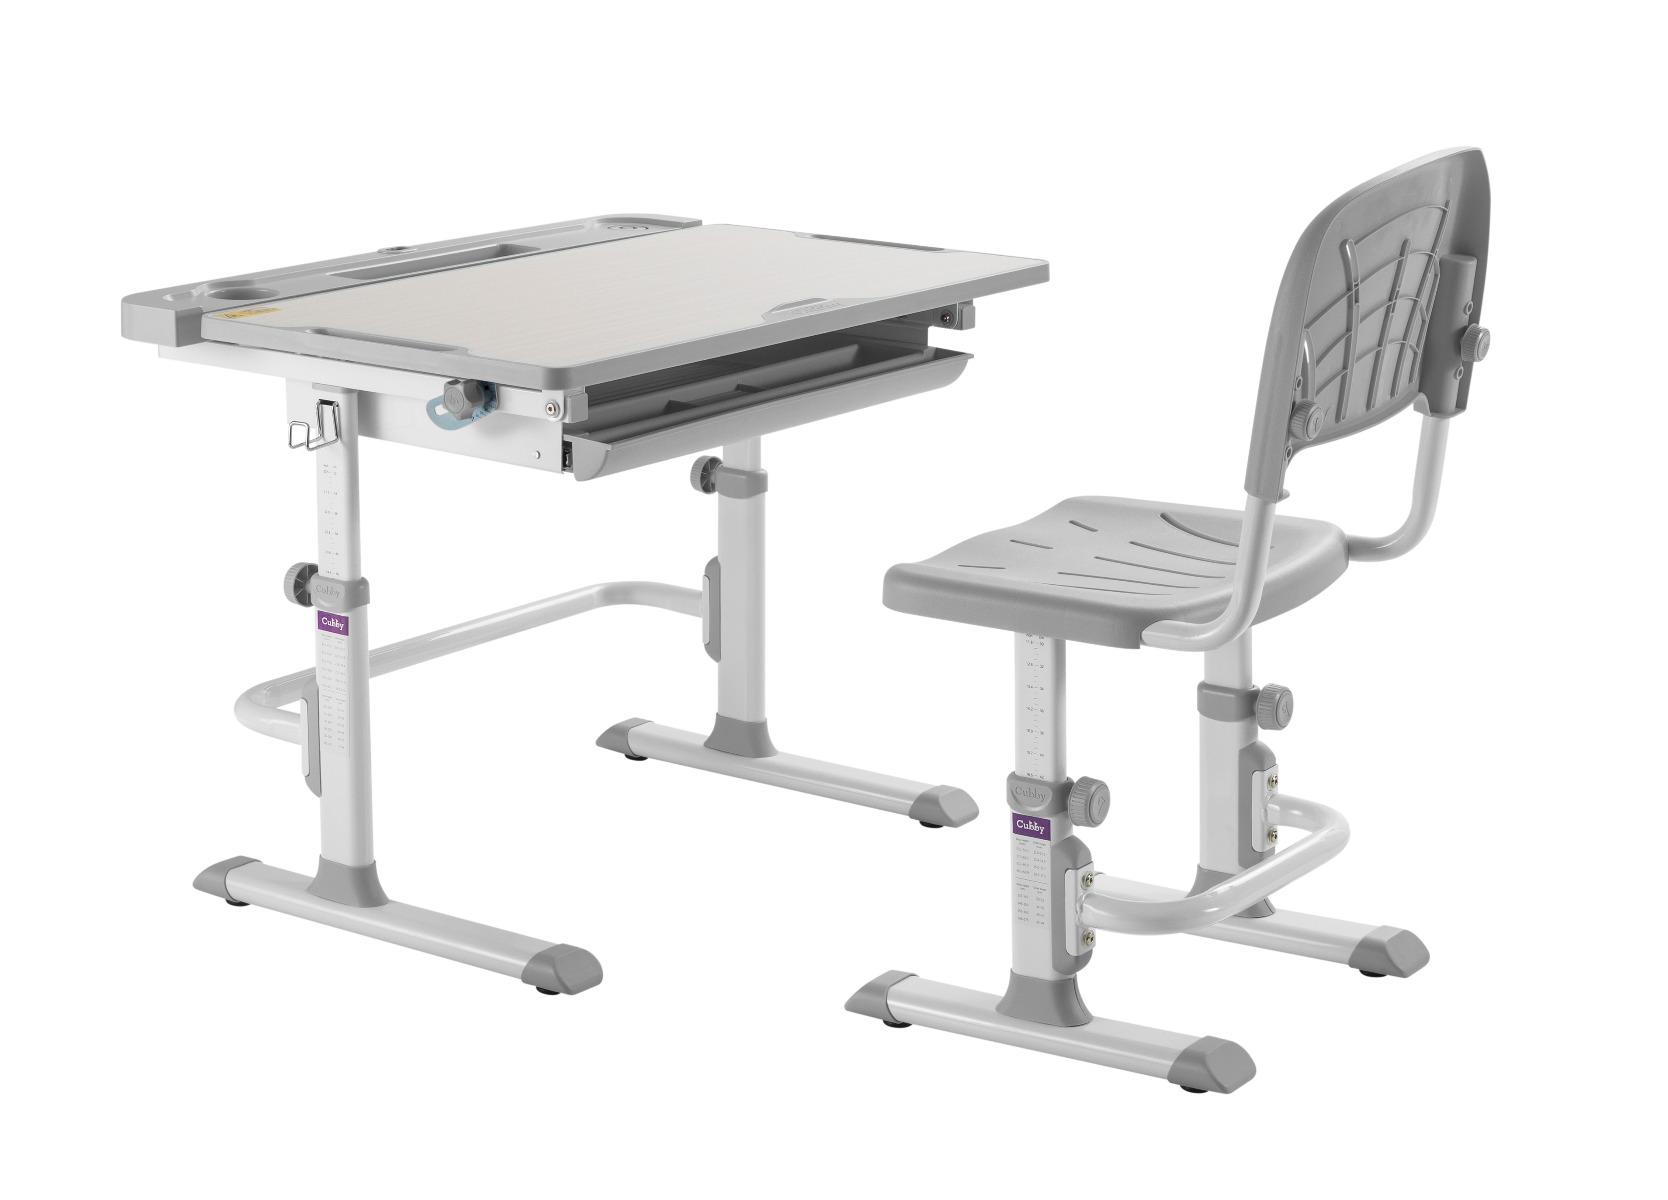 Biurko DISA szare z krzesłem ☞ Kupuj w Sprawdzonych i wysoko Ocenianych sklepach